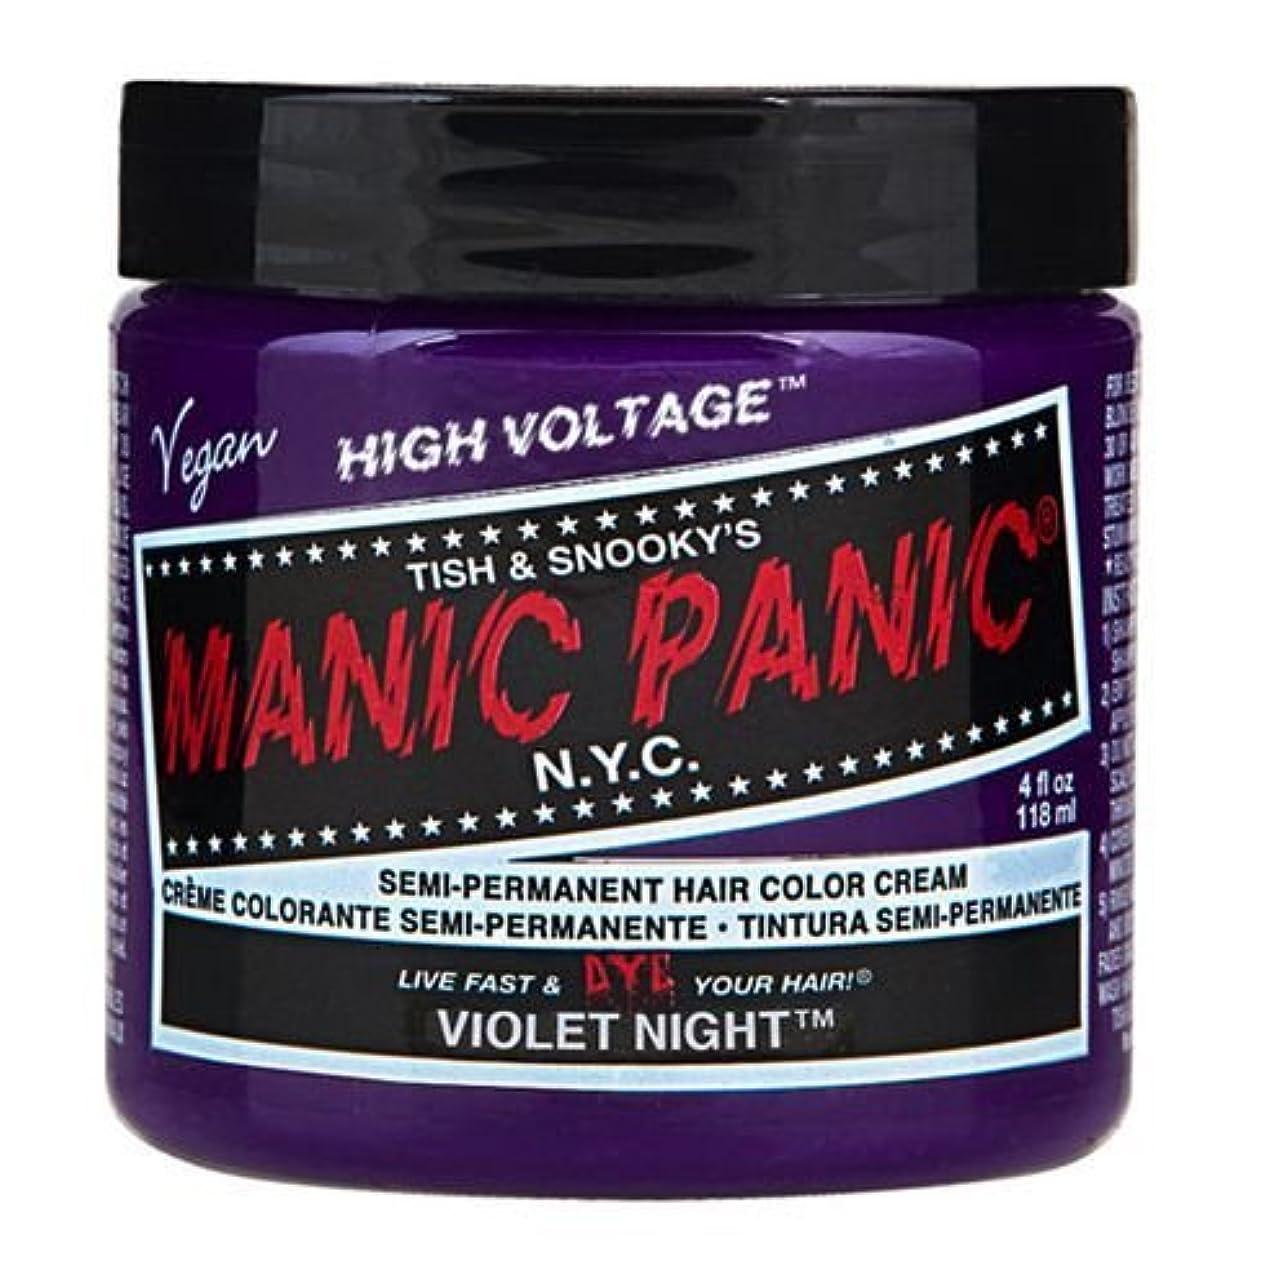 詩人屈辱する投げるスペシャルセットMANIC PANICマニックパニック:Violet Night (ヴァイオレット?ナイト)+ヘアカラーケア4点セット